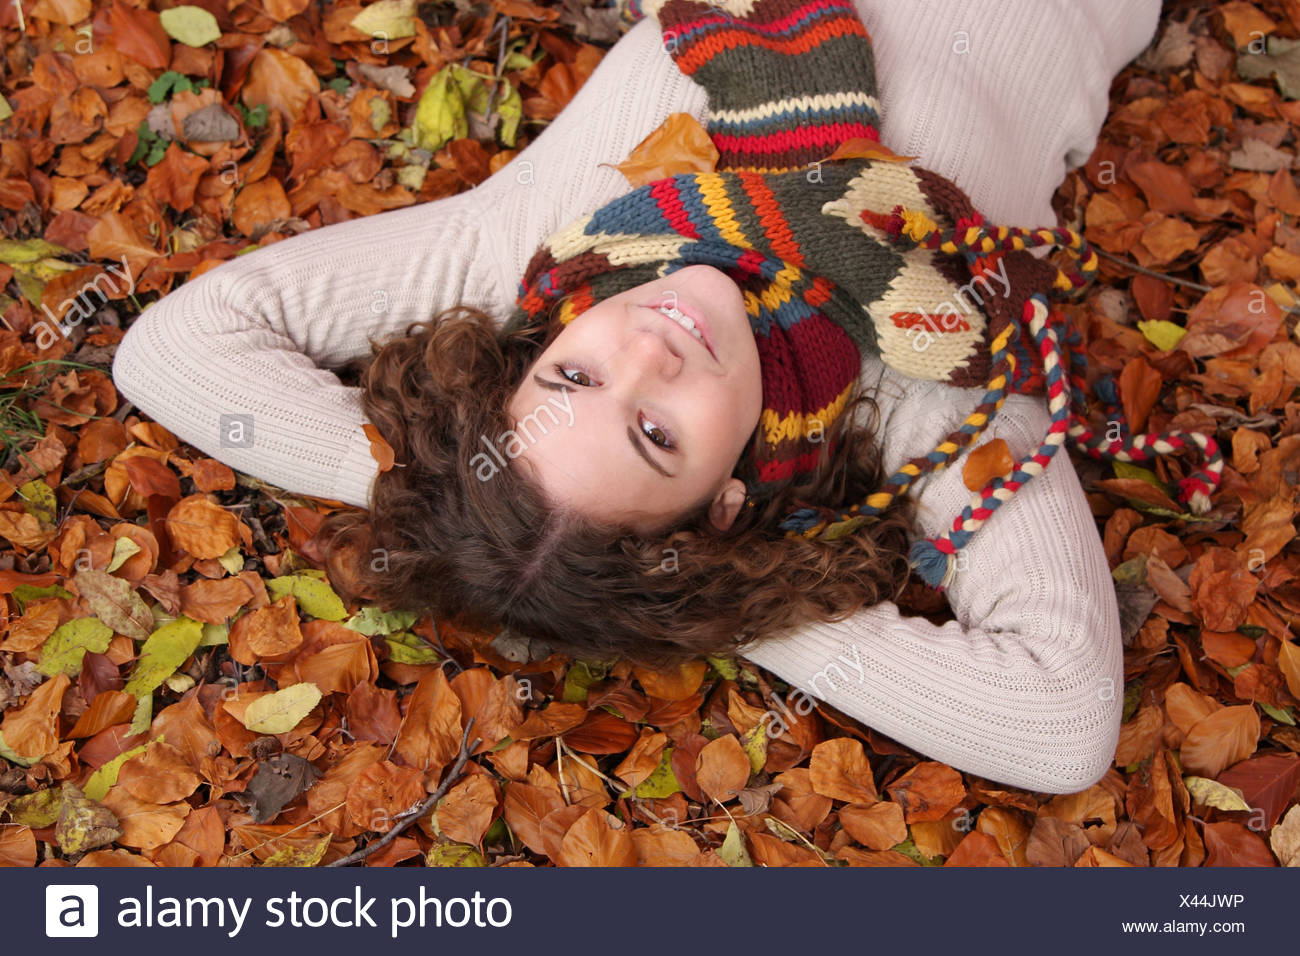 Entspannen im herbstlichen Stock Stockbild